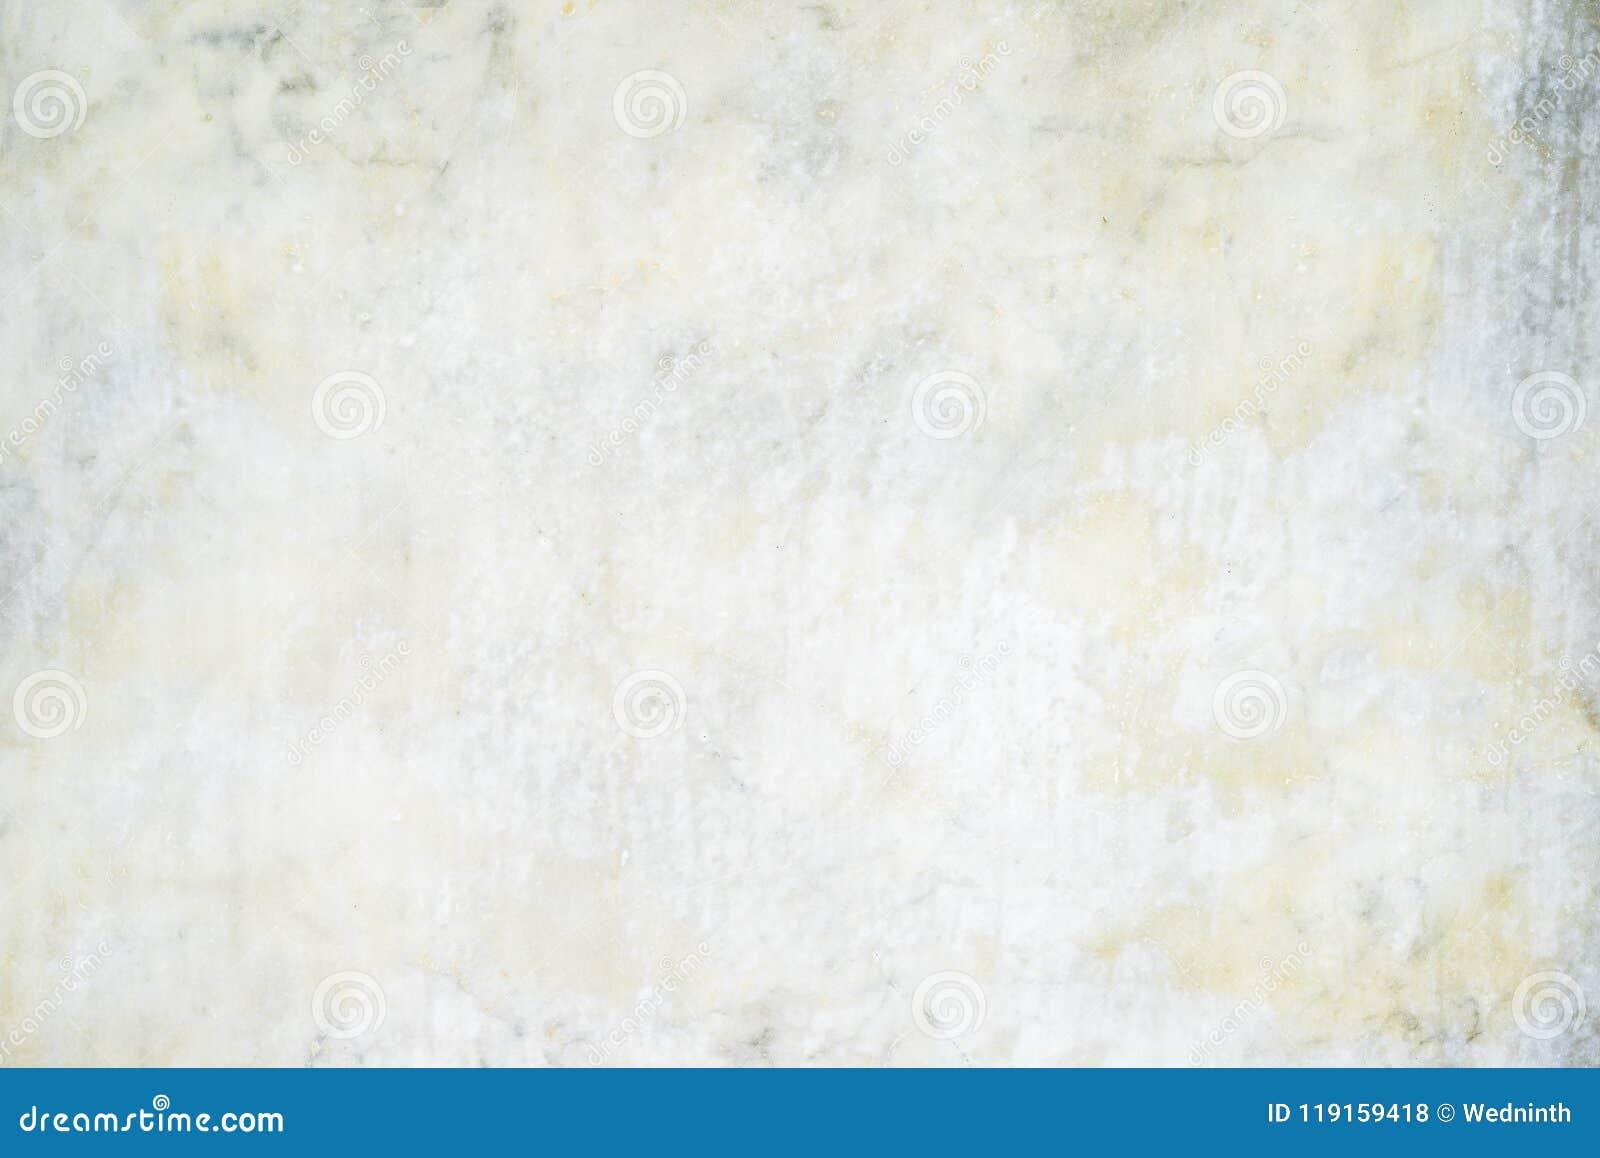 Fundos concretos da parede velha branca do cimento textured